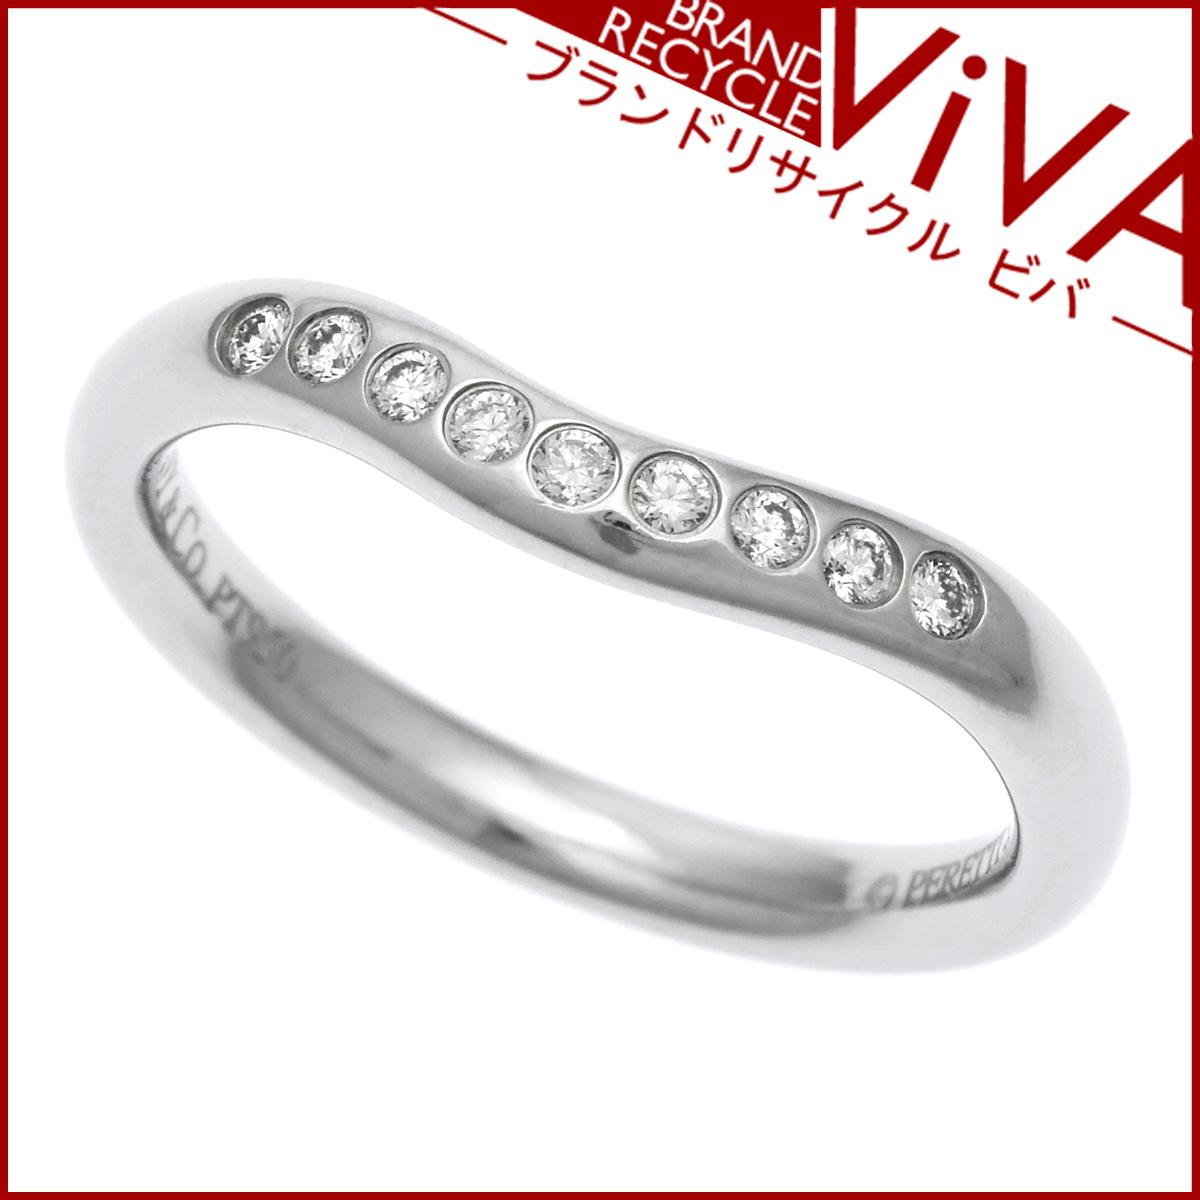 ティファニー カーブドバンド リング Pt950 プラチナ 2mm ダイヤモンド 9石 5号 美品 研磨仕上げ済 レターパックライト対応可能 送料370円